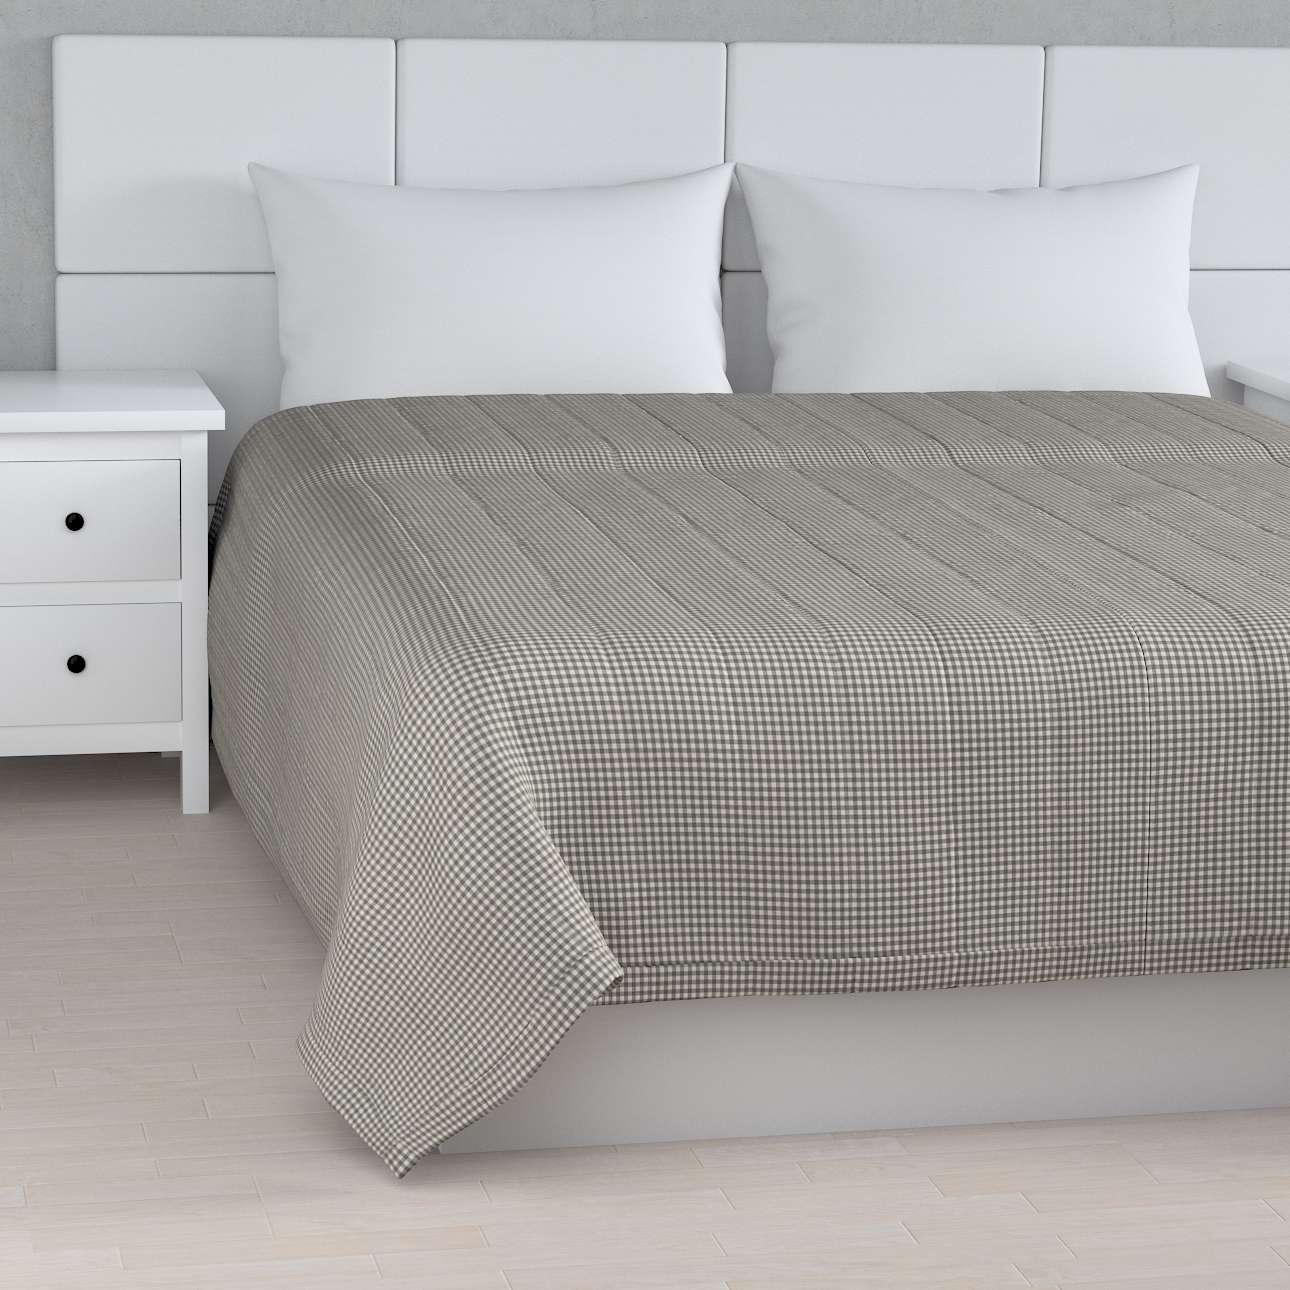 Basic steppelt takaró 260 x 210 cm a kollekcióból Lakástextil Quadro, Dekoranyag: 136-10